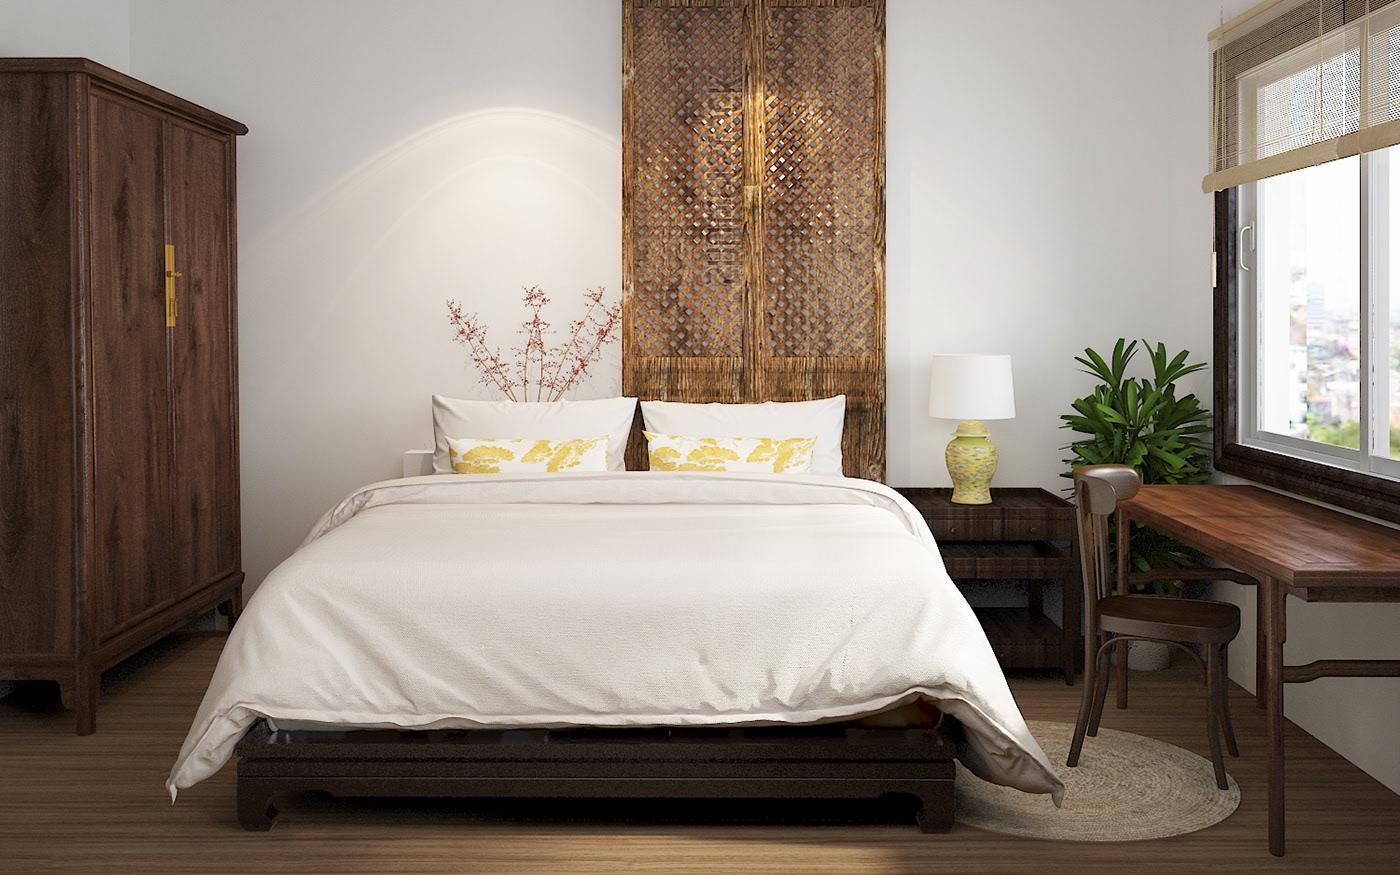 Phòng ngủ phong cách Indochine cho mẫu thiết kế nội thất chung cư 90m2 tại Hải Phòng